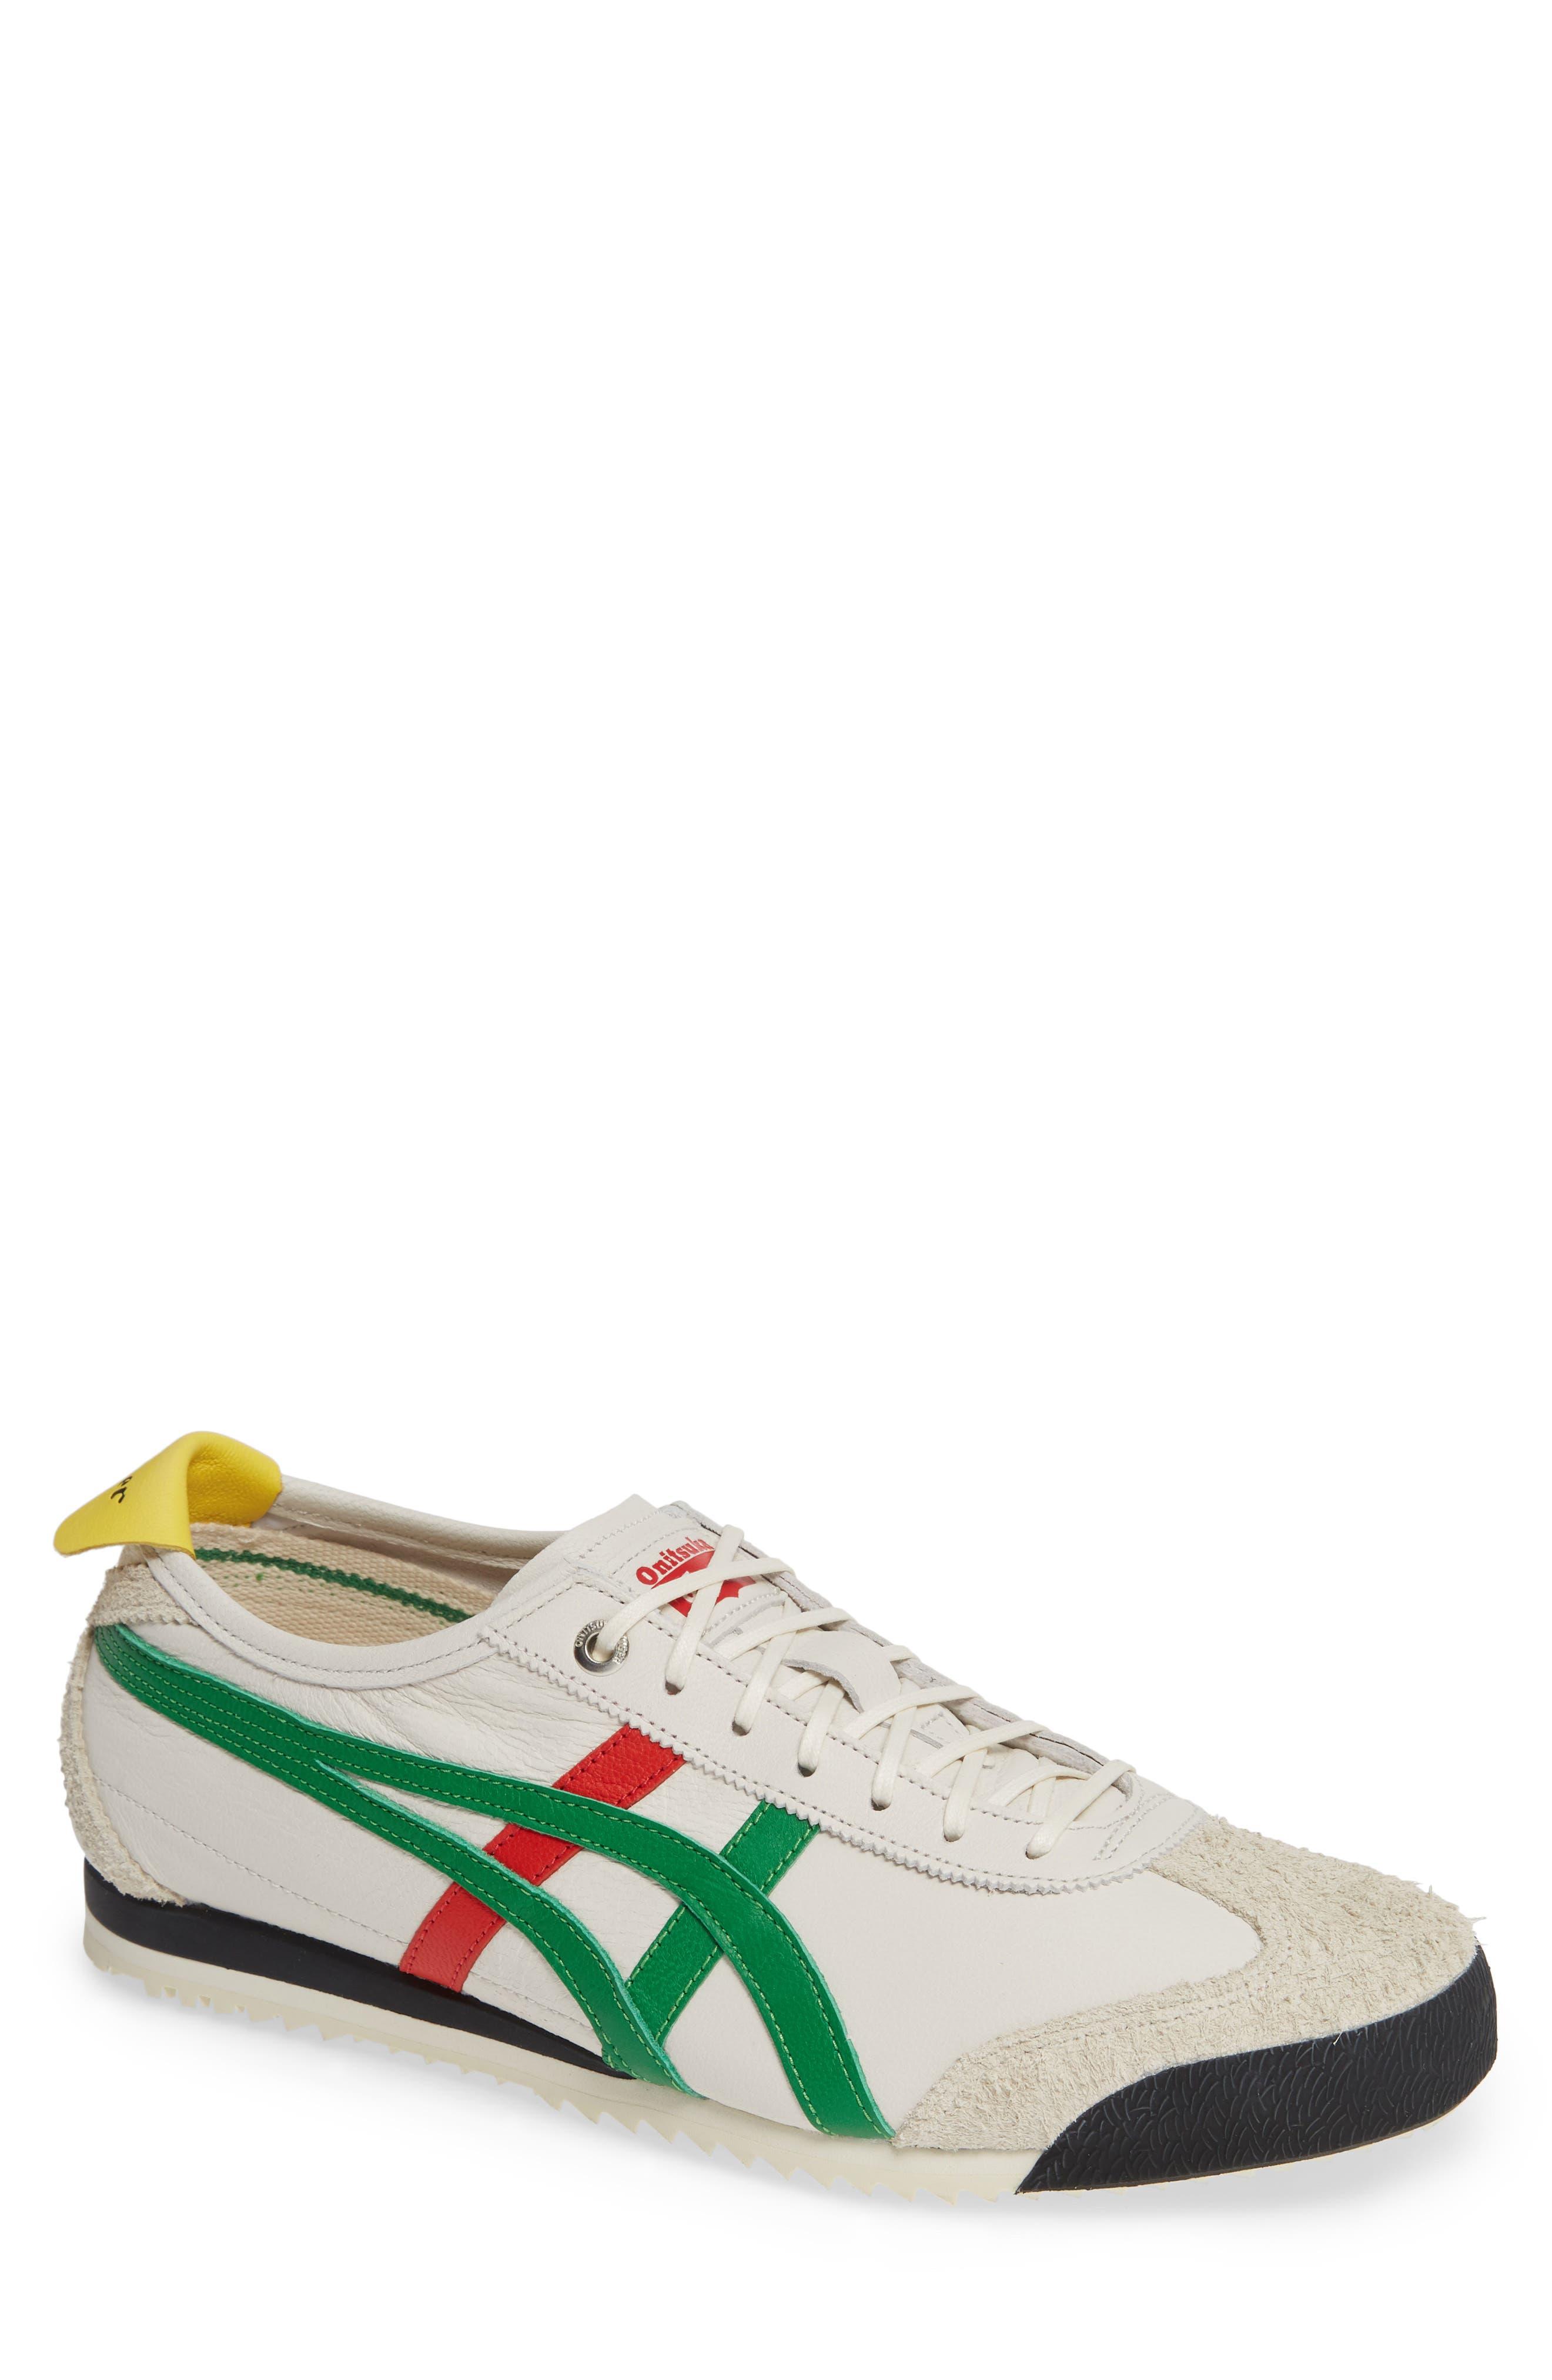 Mexico SD Sneaker,                             Main thumbnail 1, color,                             CREAM/ GREEN